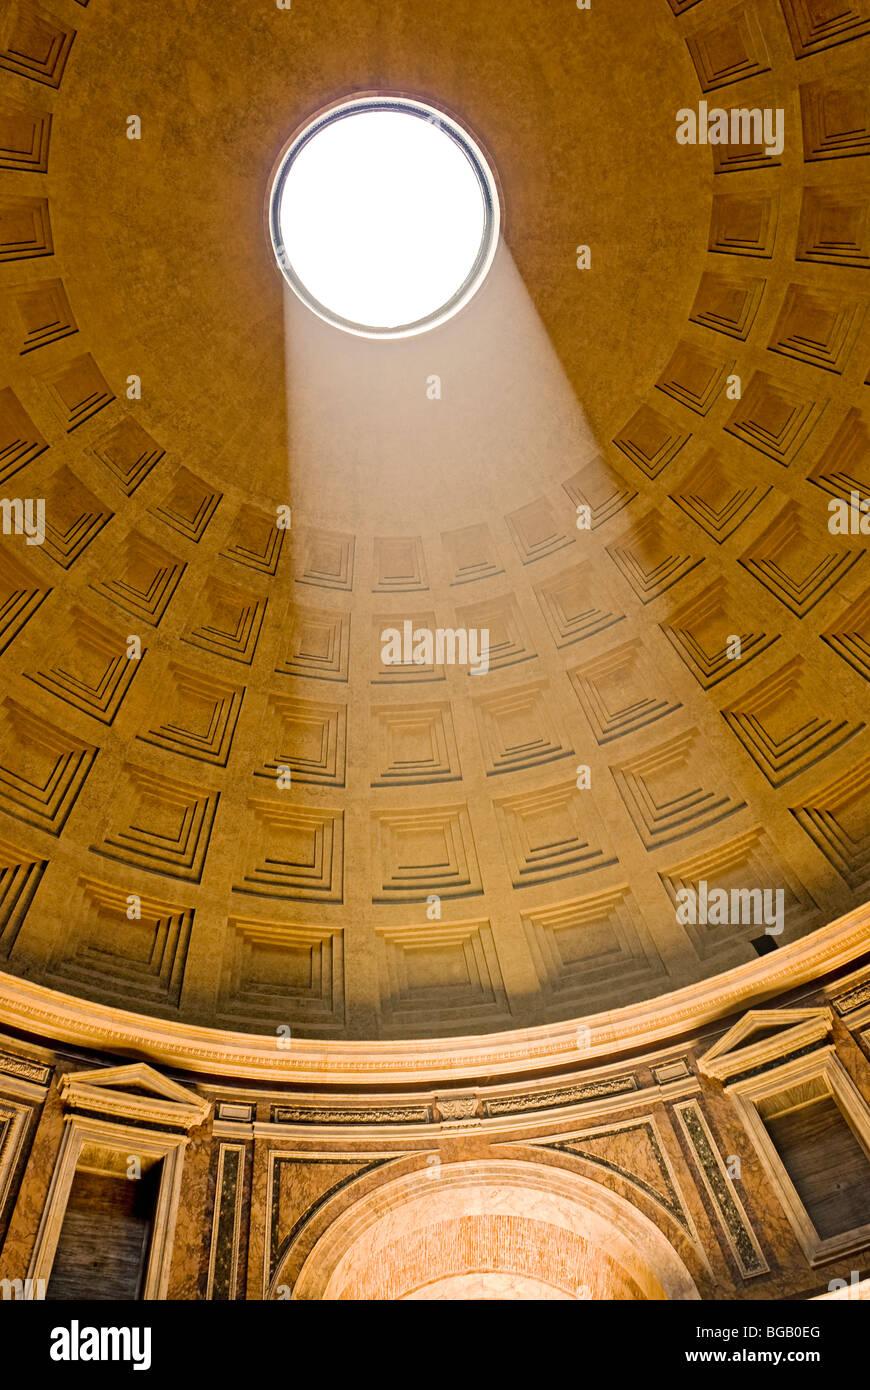 Rome, Italie. Intérieur du Panthéon à la Piazza della Rotonda l'Oculus et le plafond à caissons.Banque D'Images